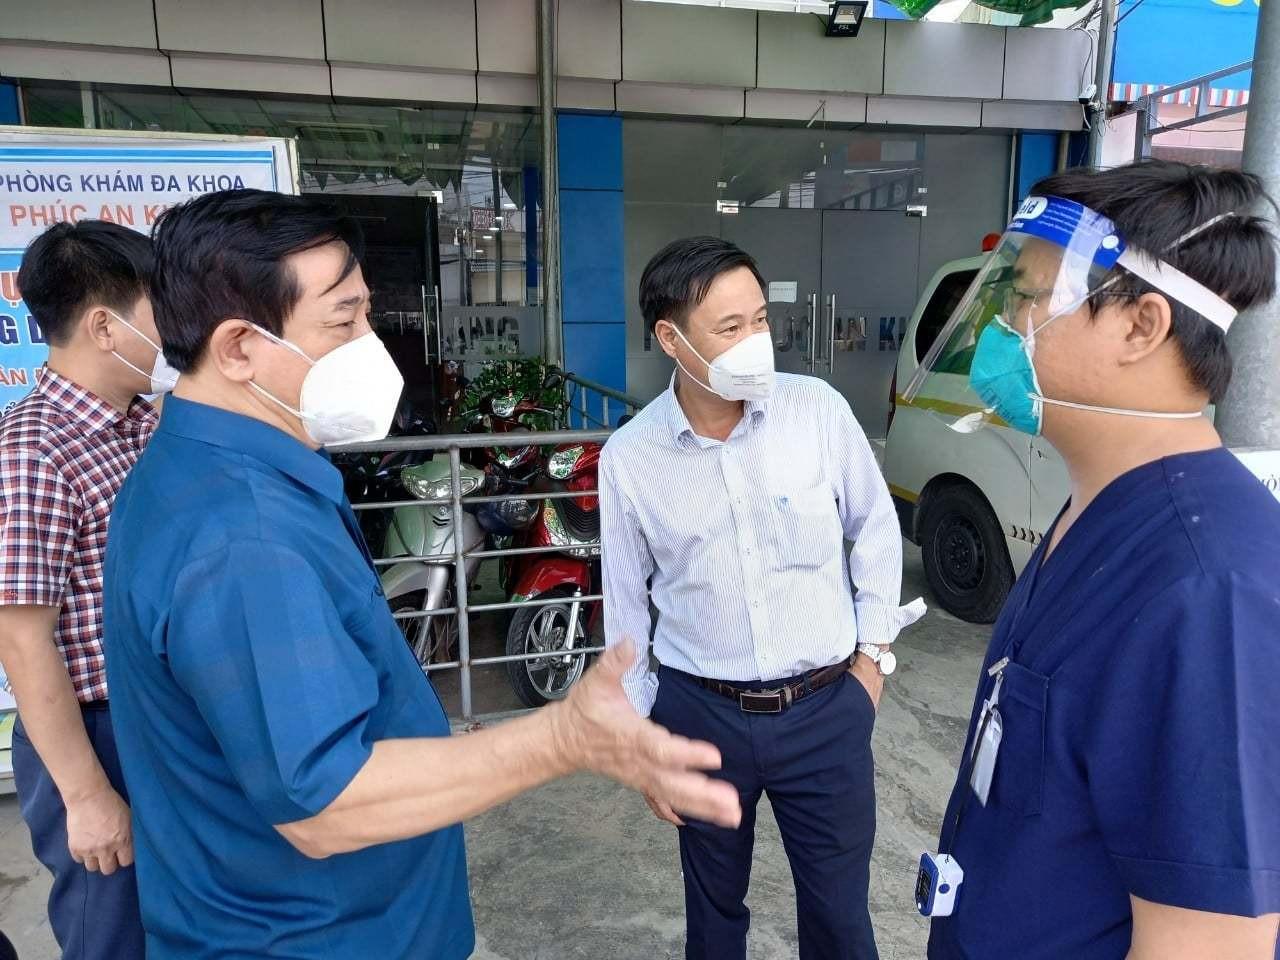 Thu giấy phép hoạt động 2 phòng khám từ chối cấp cứu khiến bệnh nhân tử vong